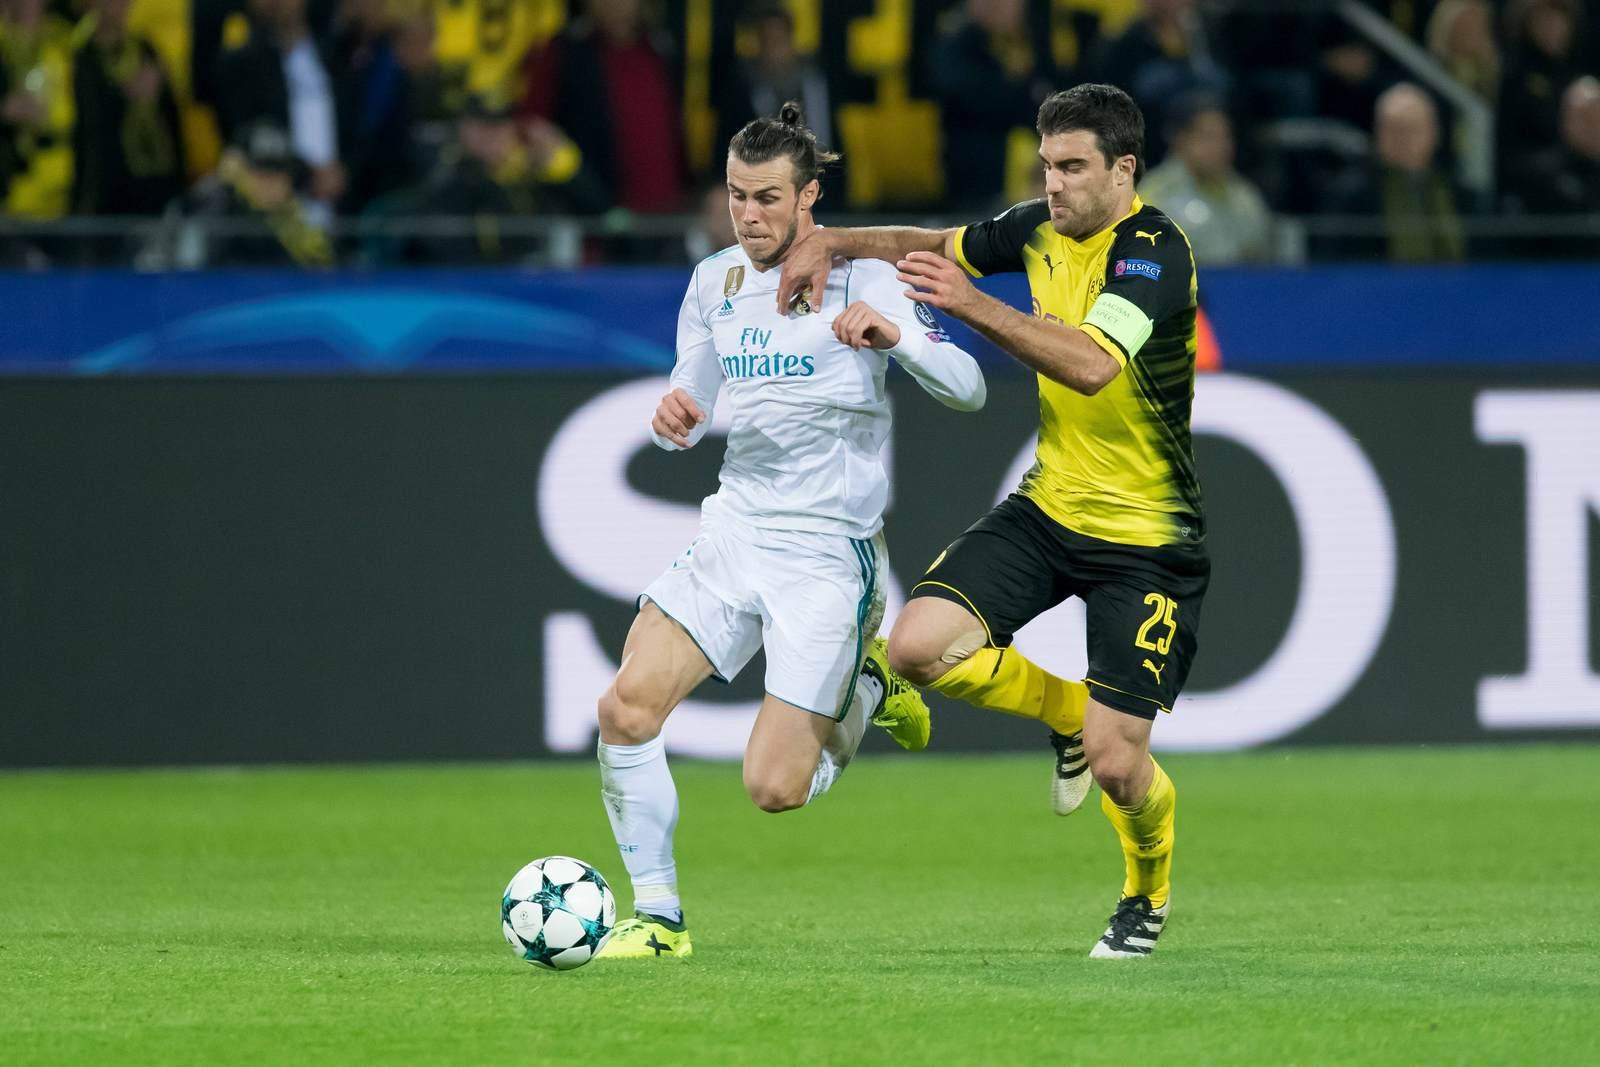 Gareth Bale im Duell mit Sokratis. Jetzt auf die Partie Real gegen BVB wetten